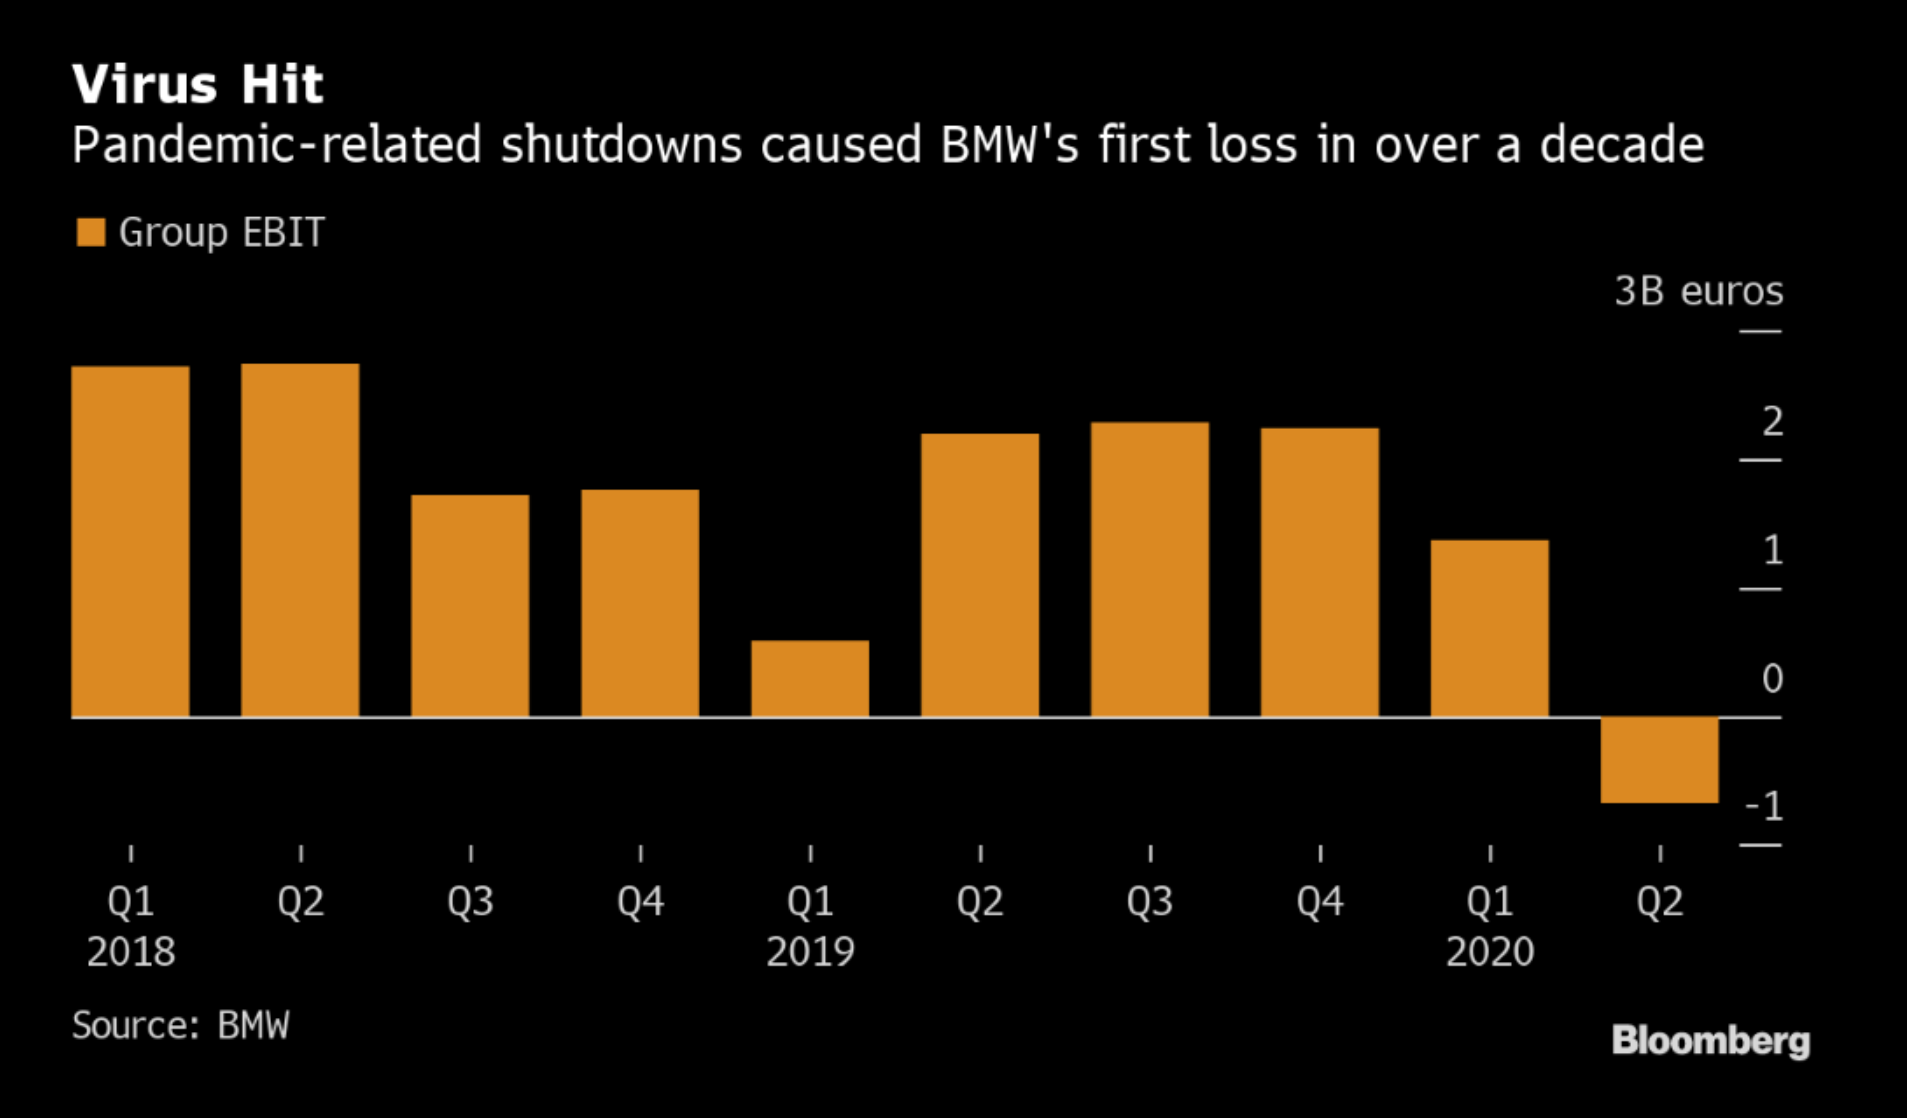 Vývoj provozního zisku EBIT automobilky BMW za poslendí čtvrtletí, zdroj: Bloomberg